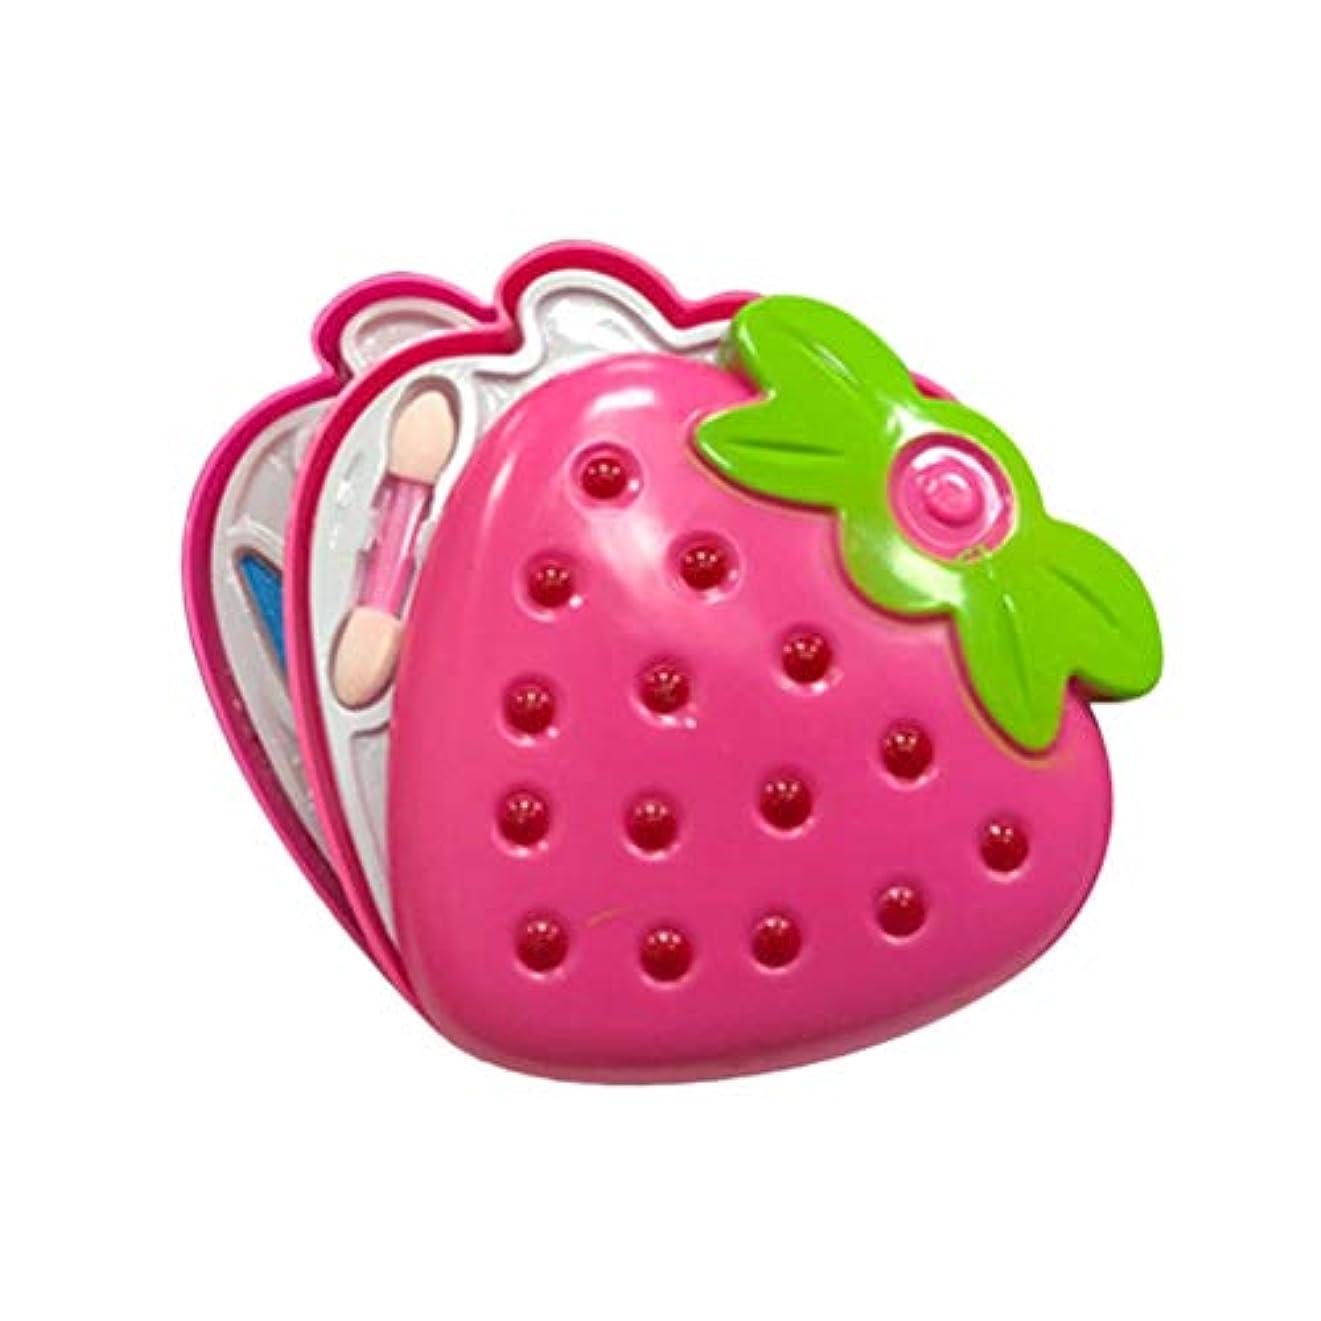 引き付けるサーキットに行く幼児Toyvian キッズガールズメイクアップセット三層化粧品美容キット美容セット子供のためのミラー